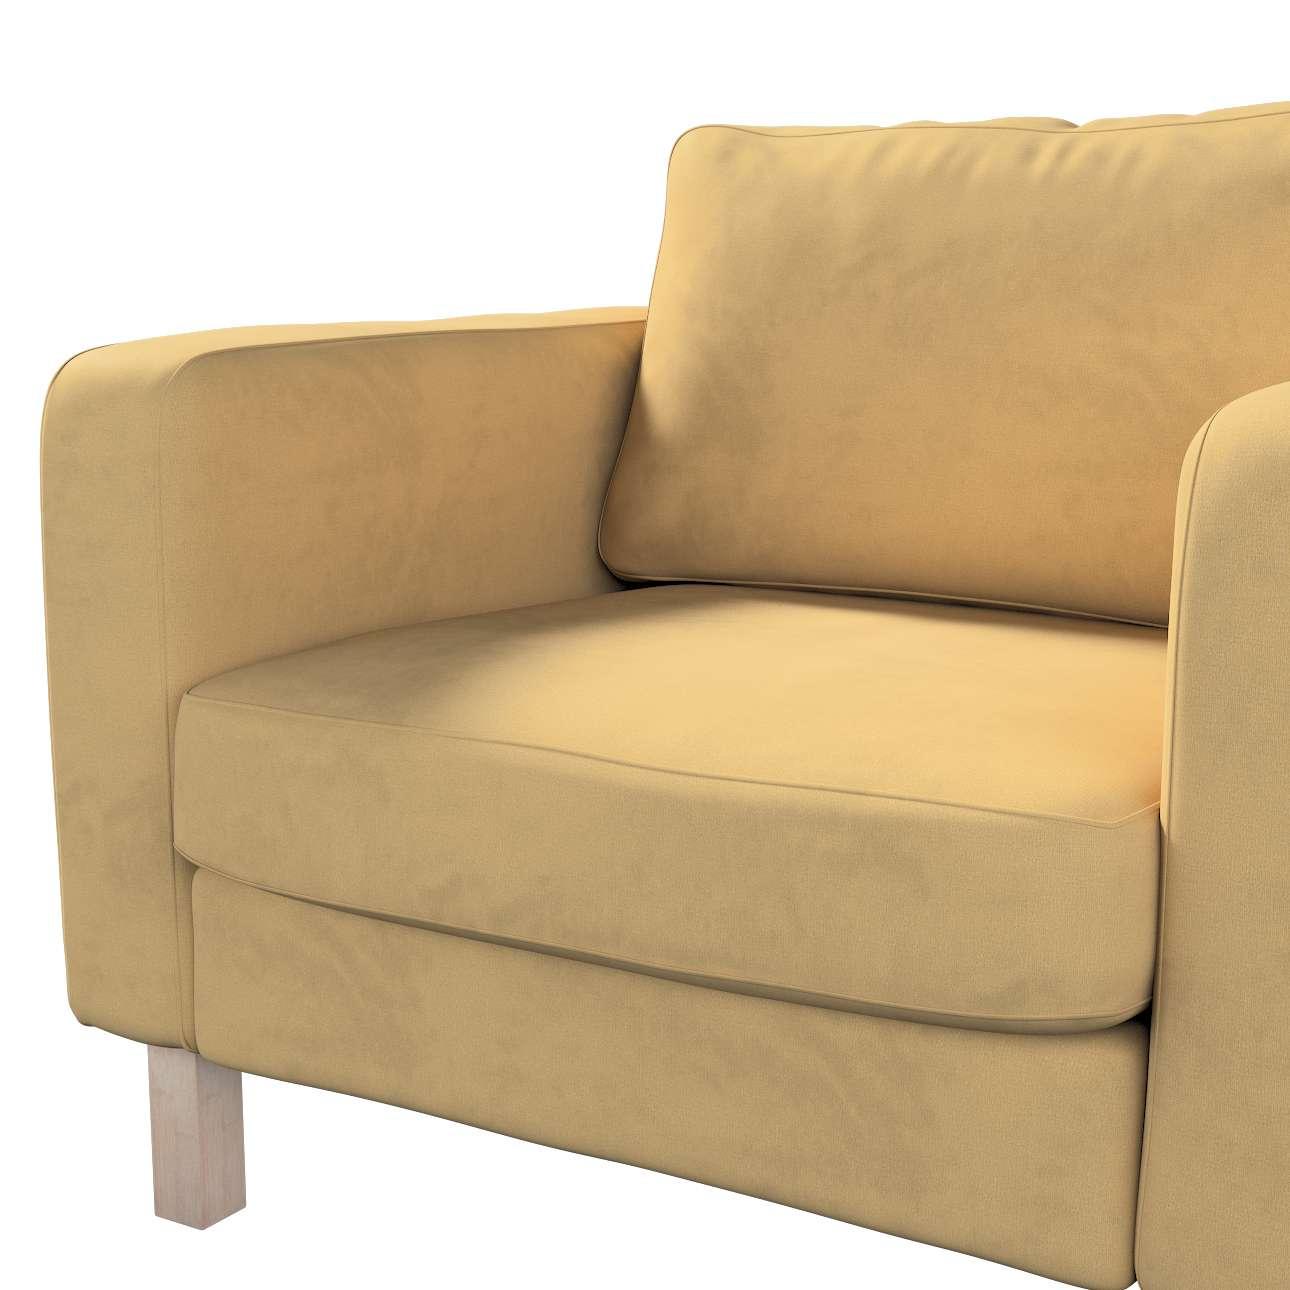 Pokrowiec na fotel Karlstad, krótki w kolekcji Living, tkanina: 160-93